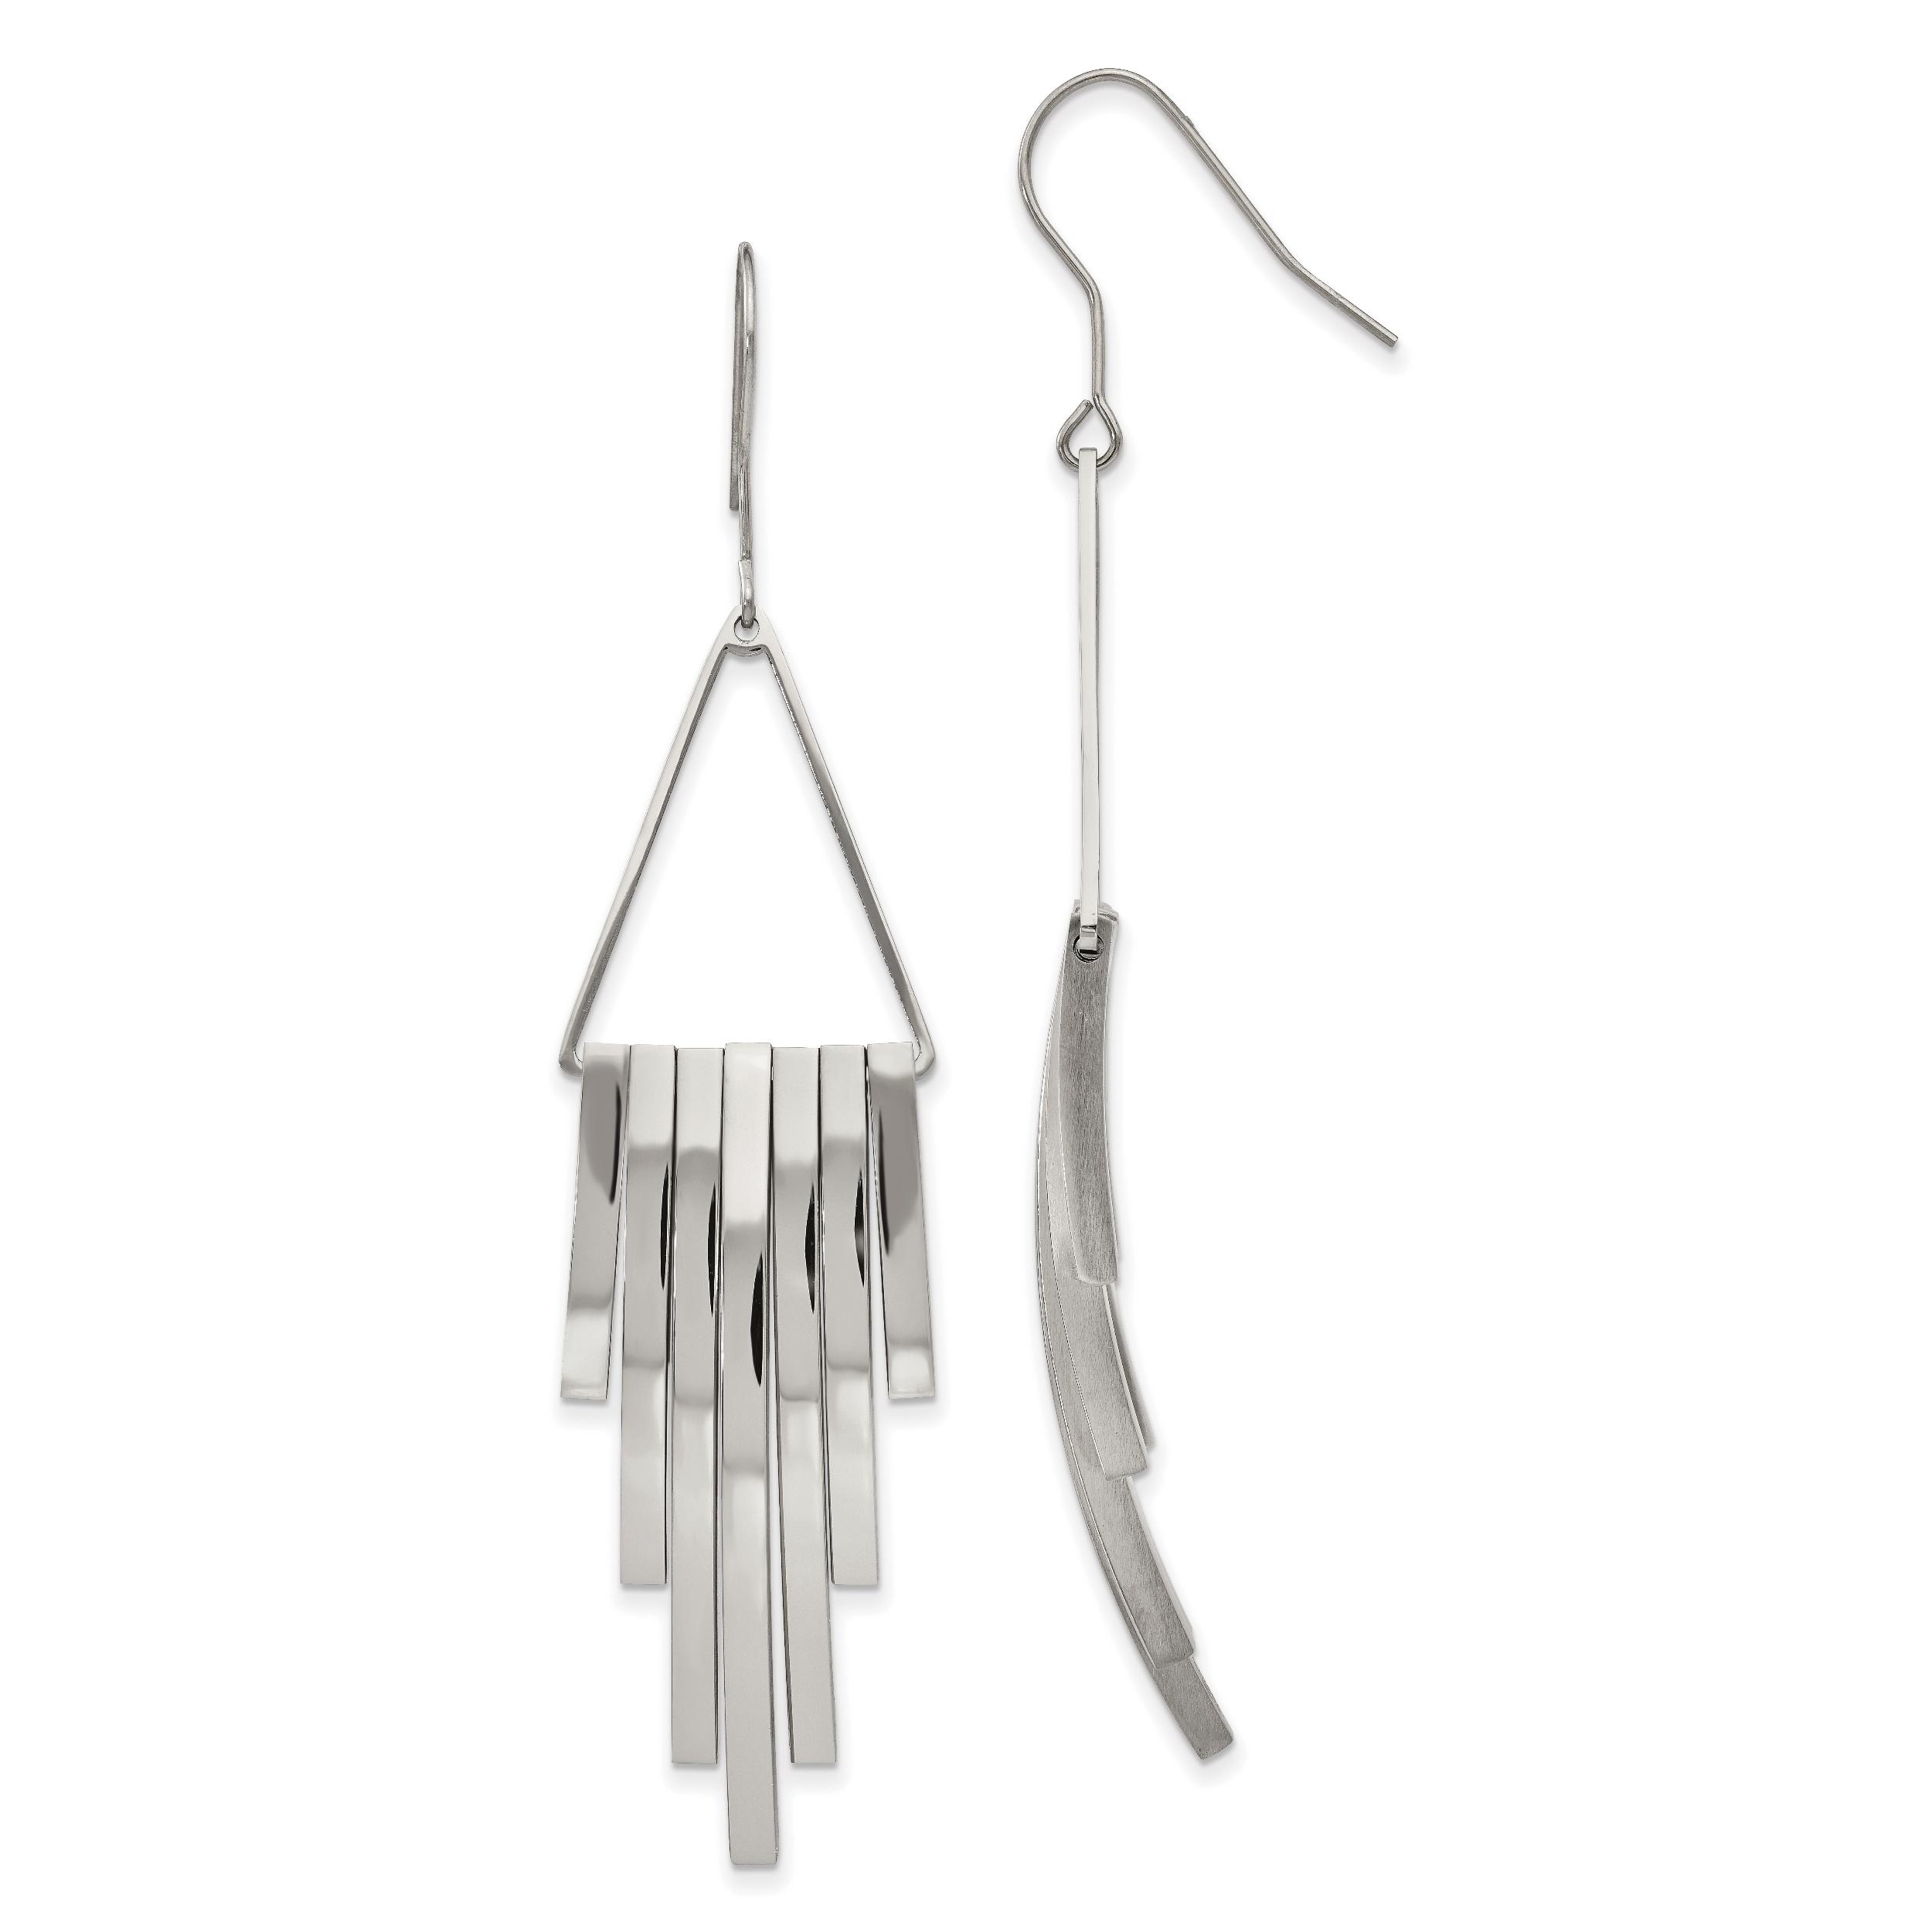 Stainless Steel Polished Hoop Earrings 53.84mm